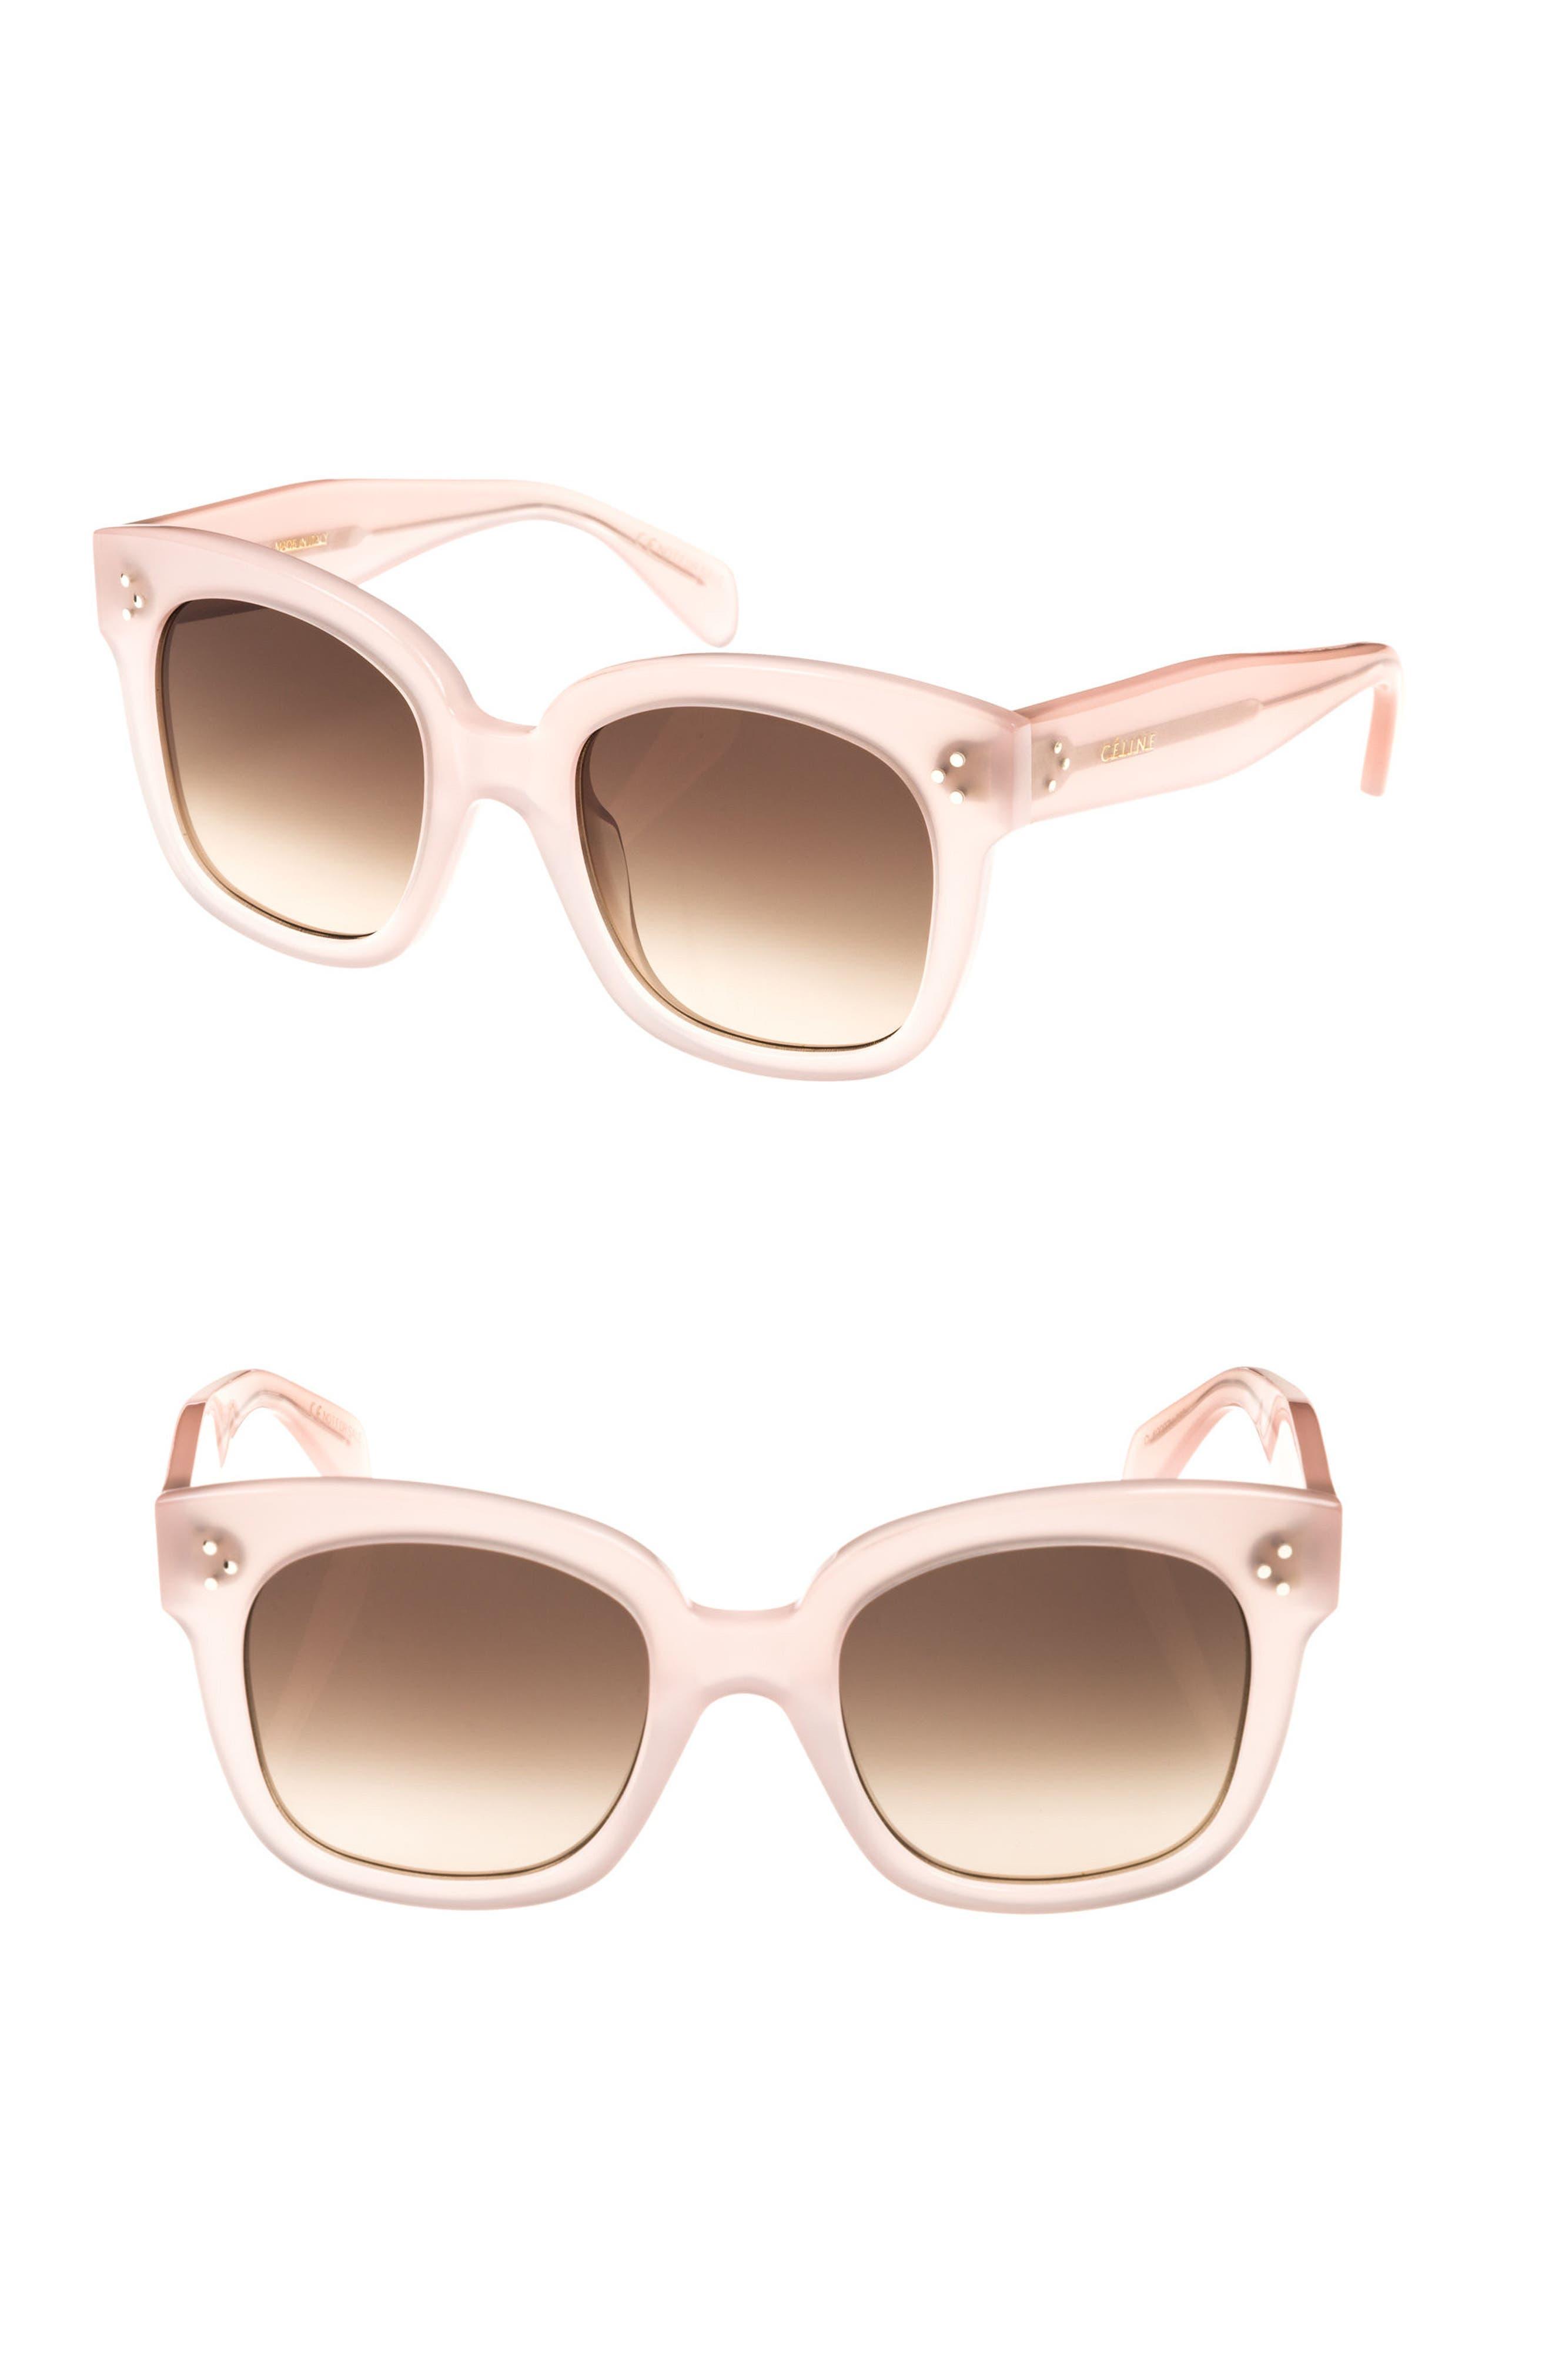 85f1858dfba02 CELINE Sunglasses for Women